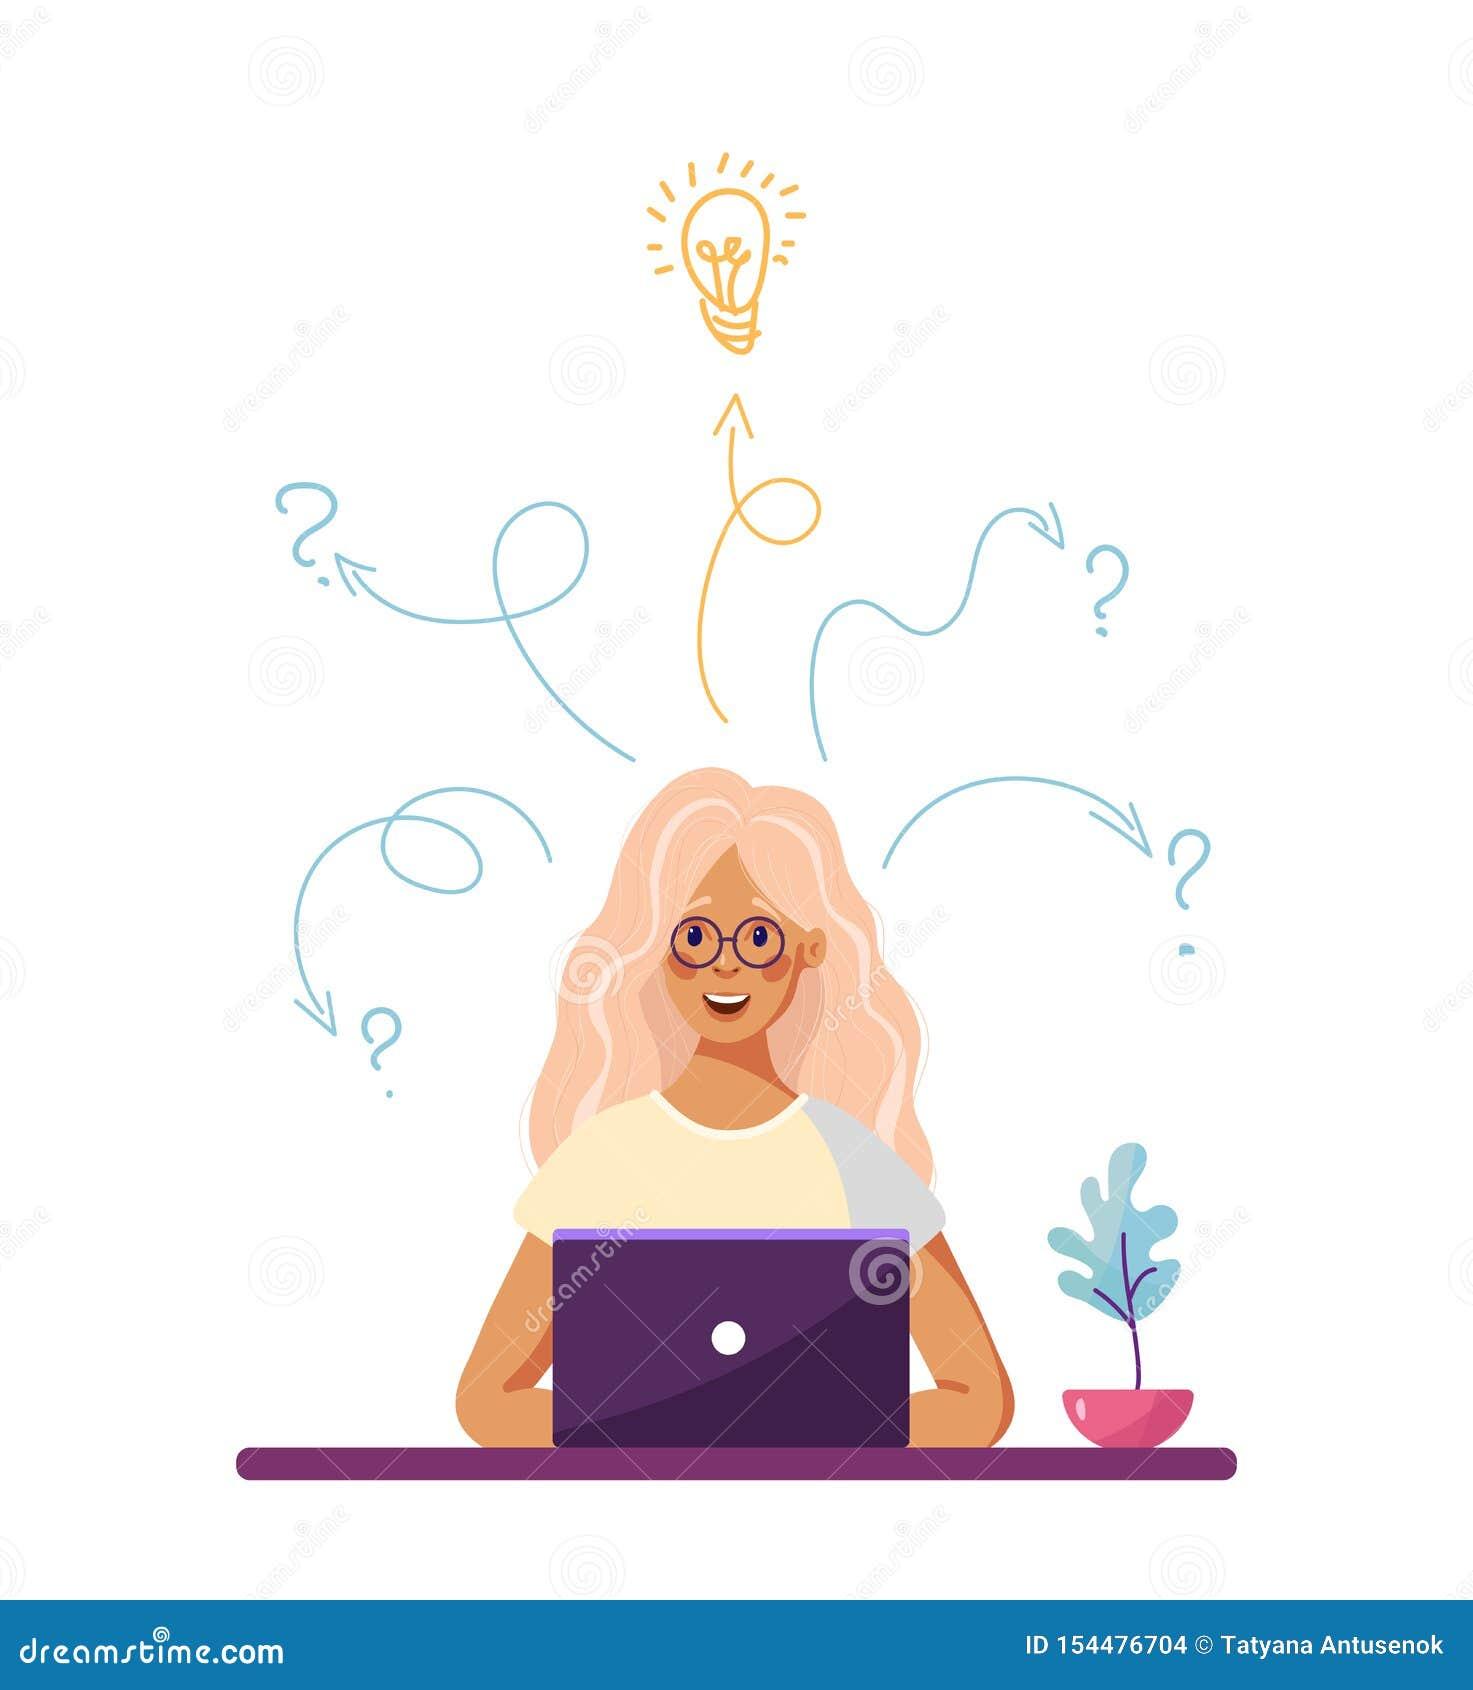 Ответы на работу девушек как заработать веб моделью на дому